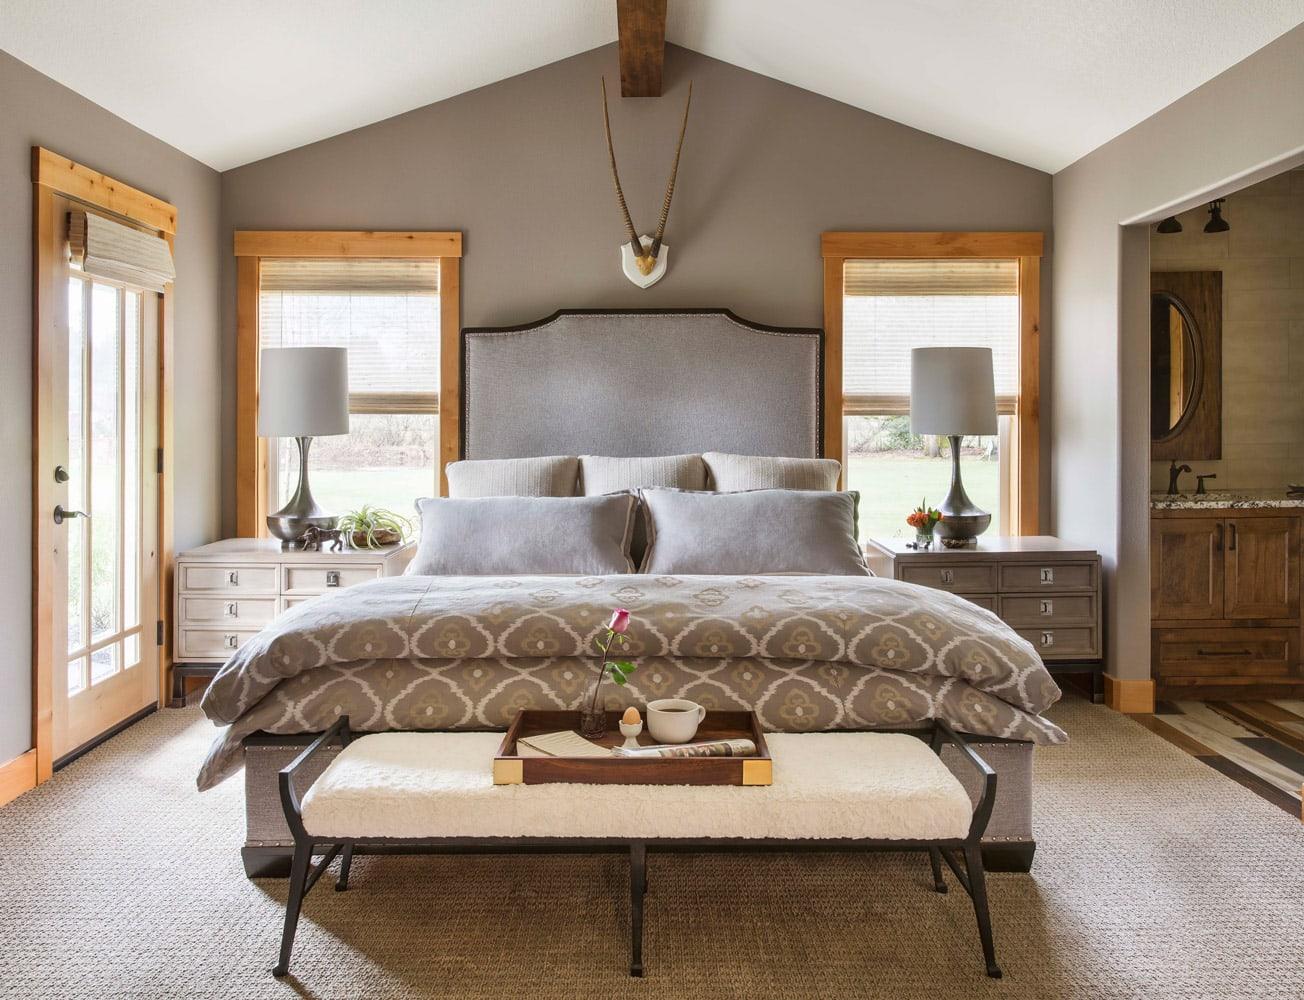 whimsical-farmhouse-bedroom-interior-design.jpg